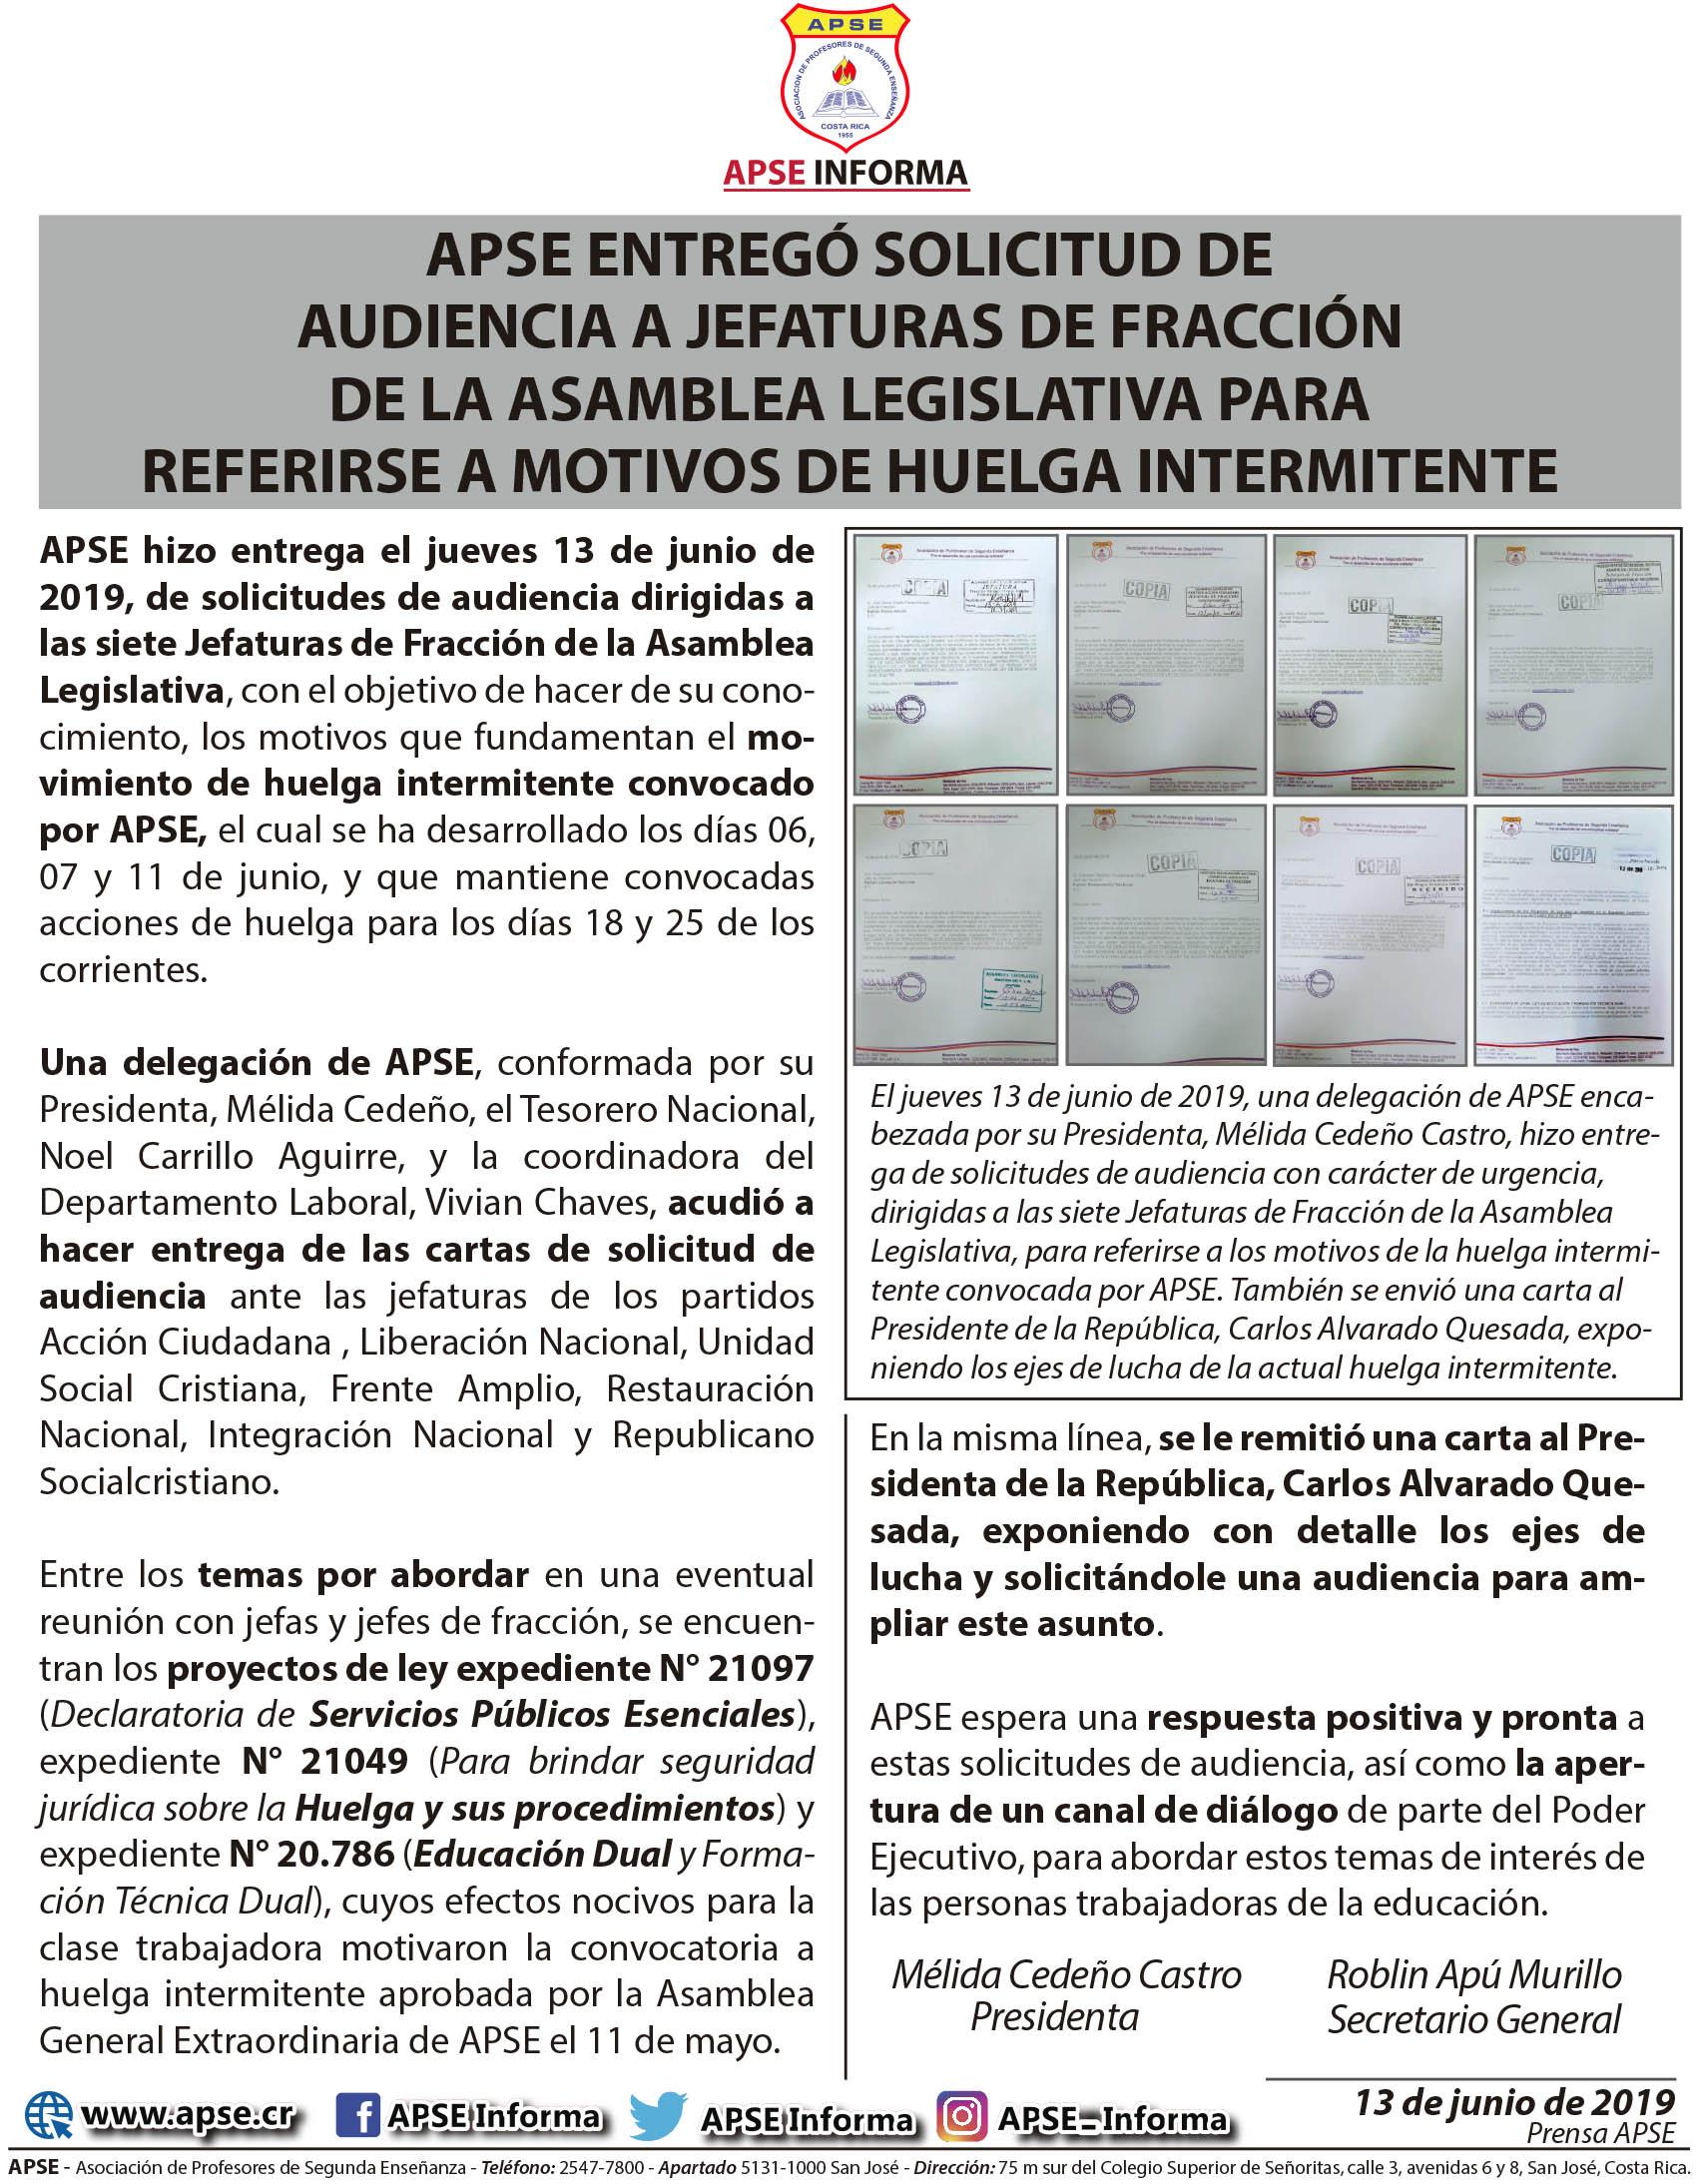 APSE ENTREGÓ SOLICITUD DE AUDIENCIA A JEFATURAS DE FRACCIÓN DE LA ASAMBLEA LEGISLATIVA PARA REFERIRSE A MOTIVOS DE HUELGA INTERMITENTE